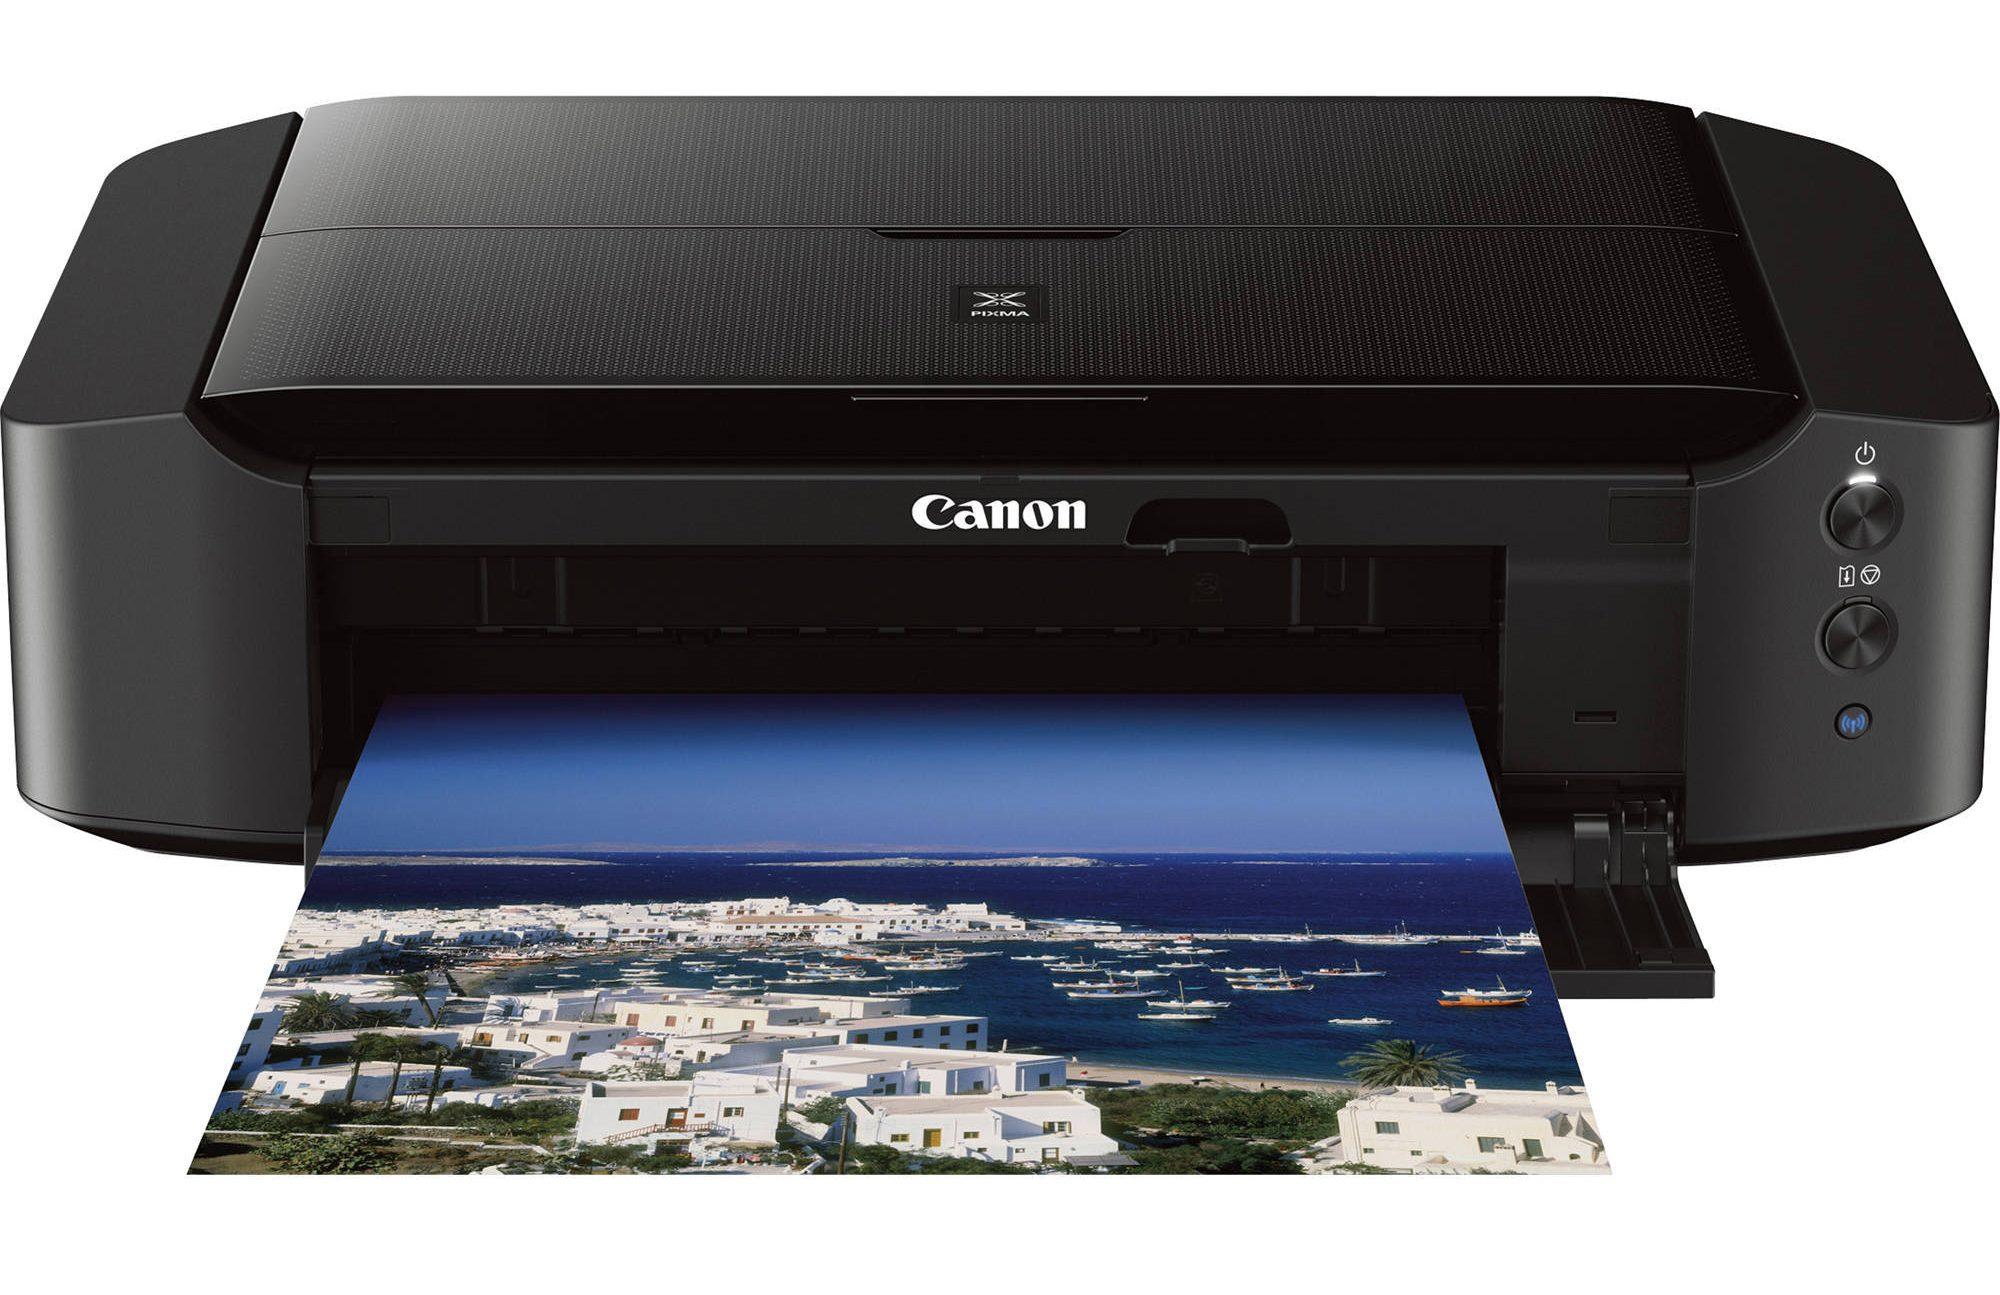 Canon Pixma iP8720